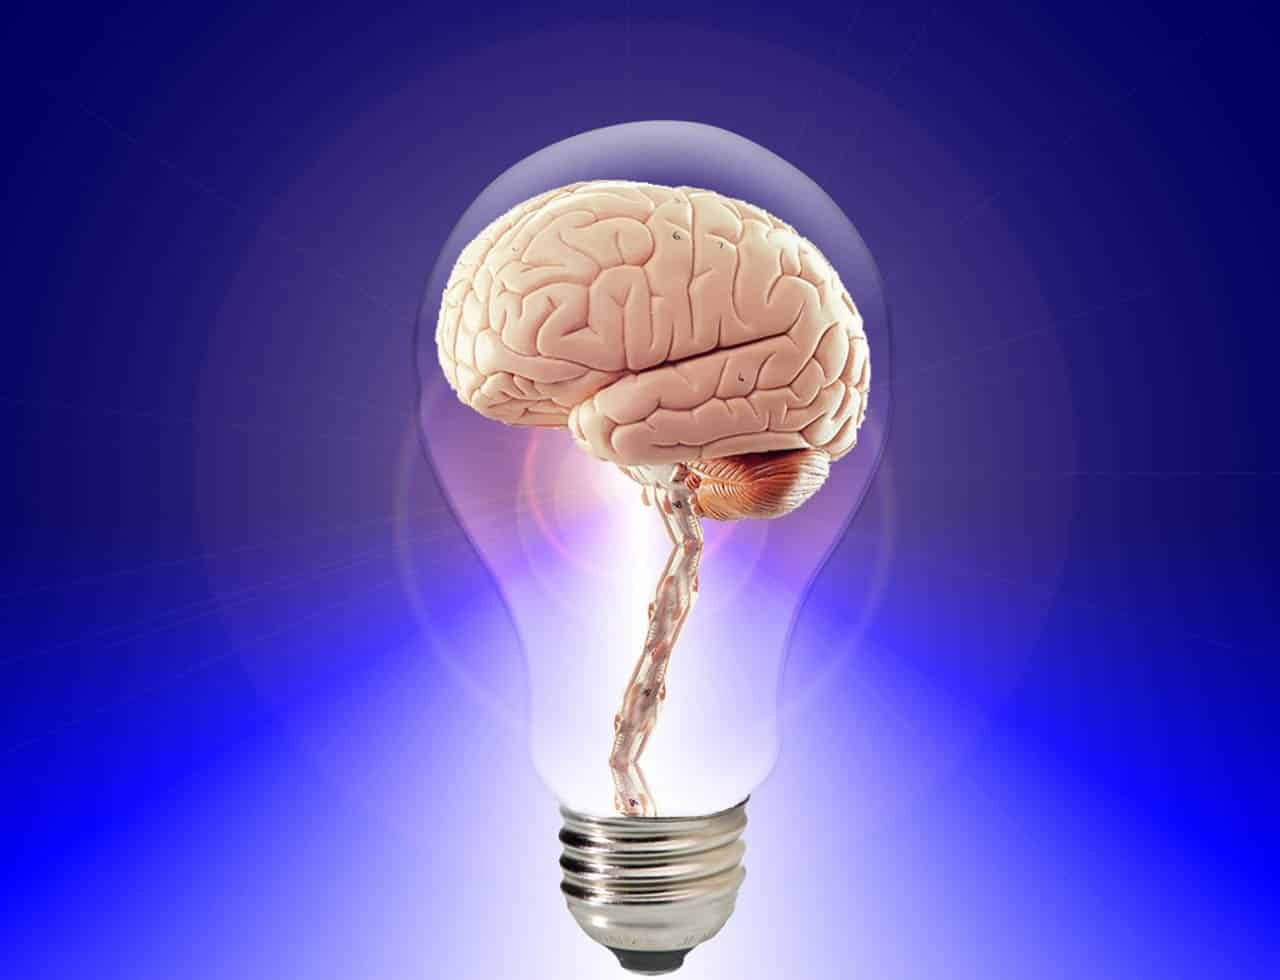 Modelos factoriales de inteligencia humana